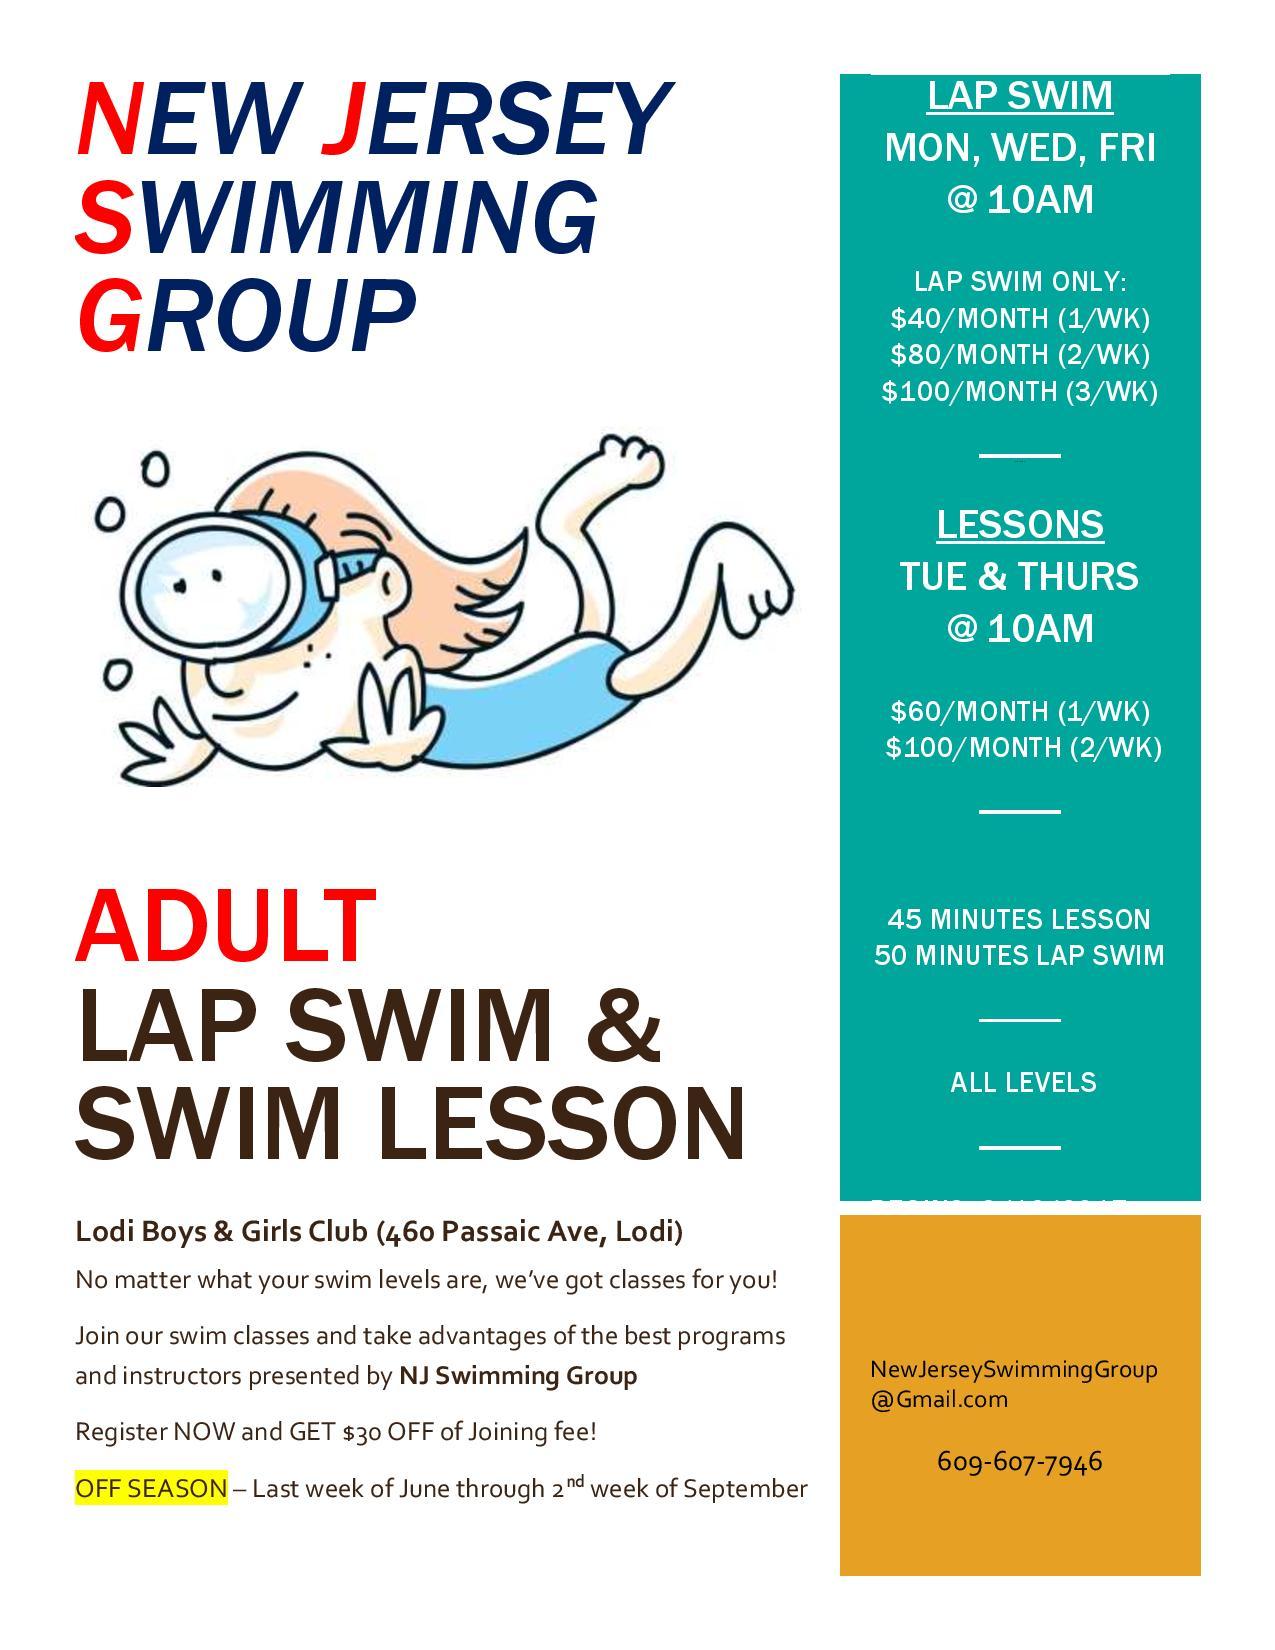 Tres niveles de clases de natación para adultos: Aprender a nadar, Refinamiento de trazos y análisis de video, y Entrenamiento de avance rápido para carreras y competición.